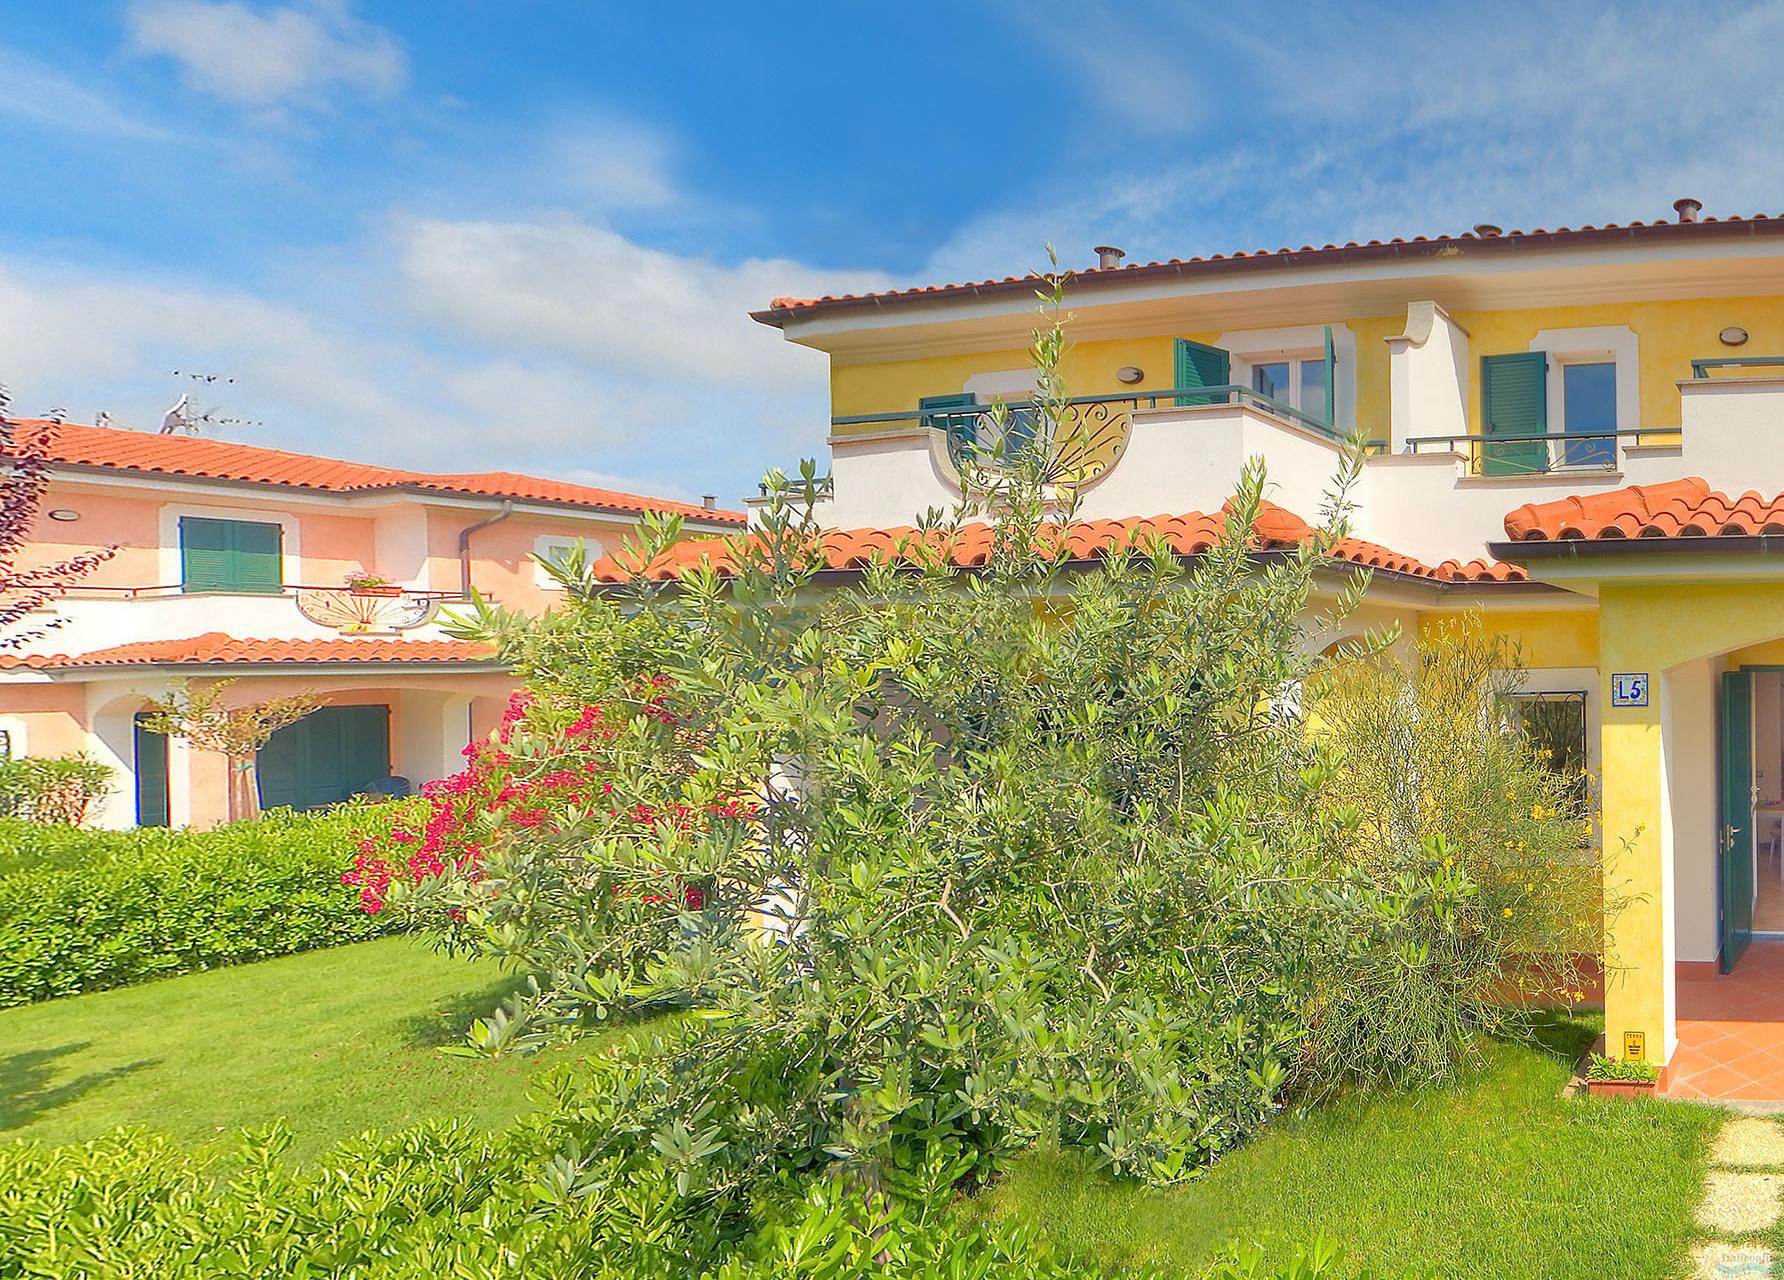 Residence i giardini del conero porto recanati italia italieonline - I giardini del conero ...